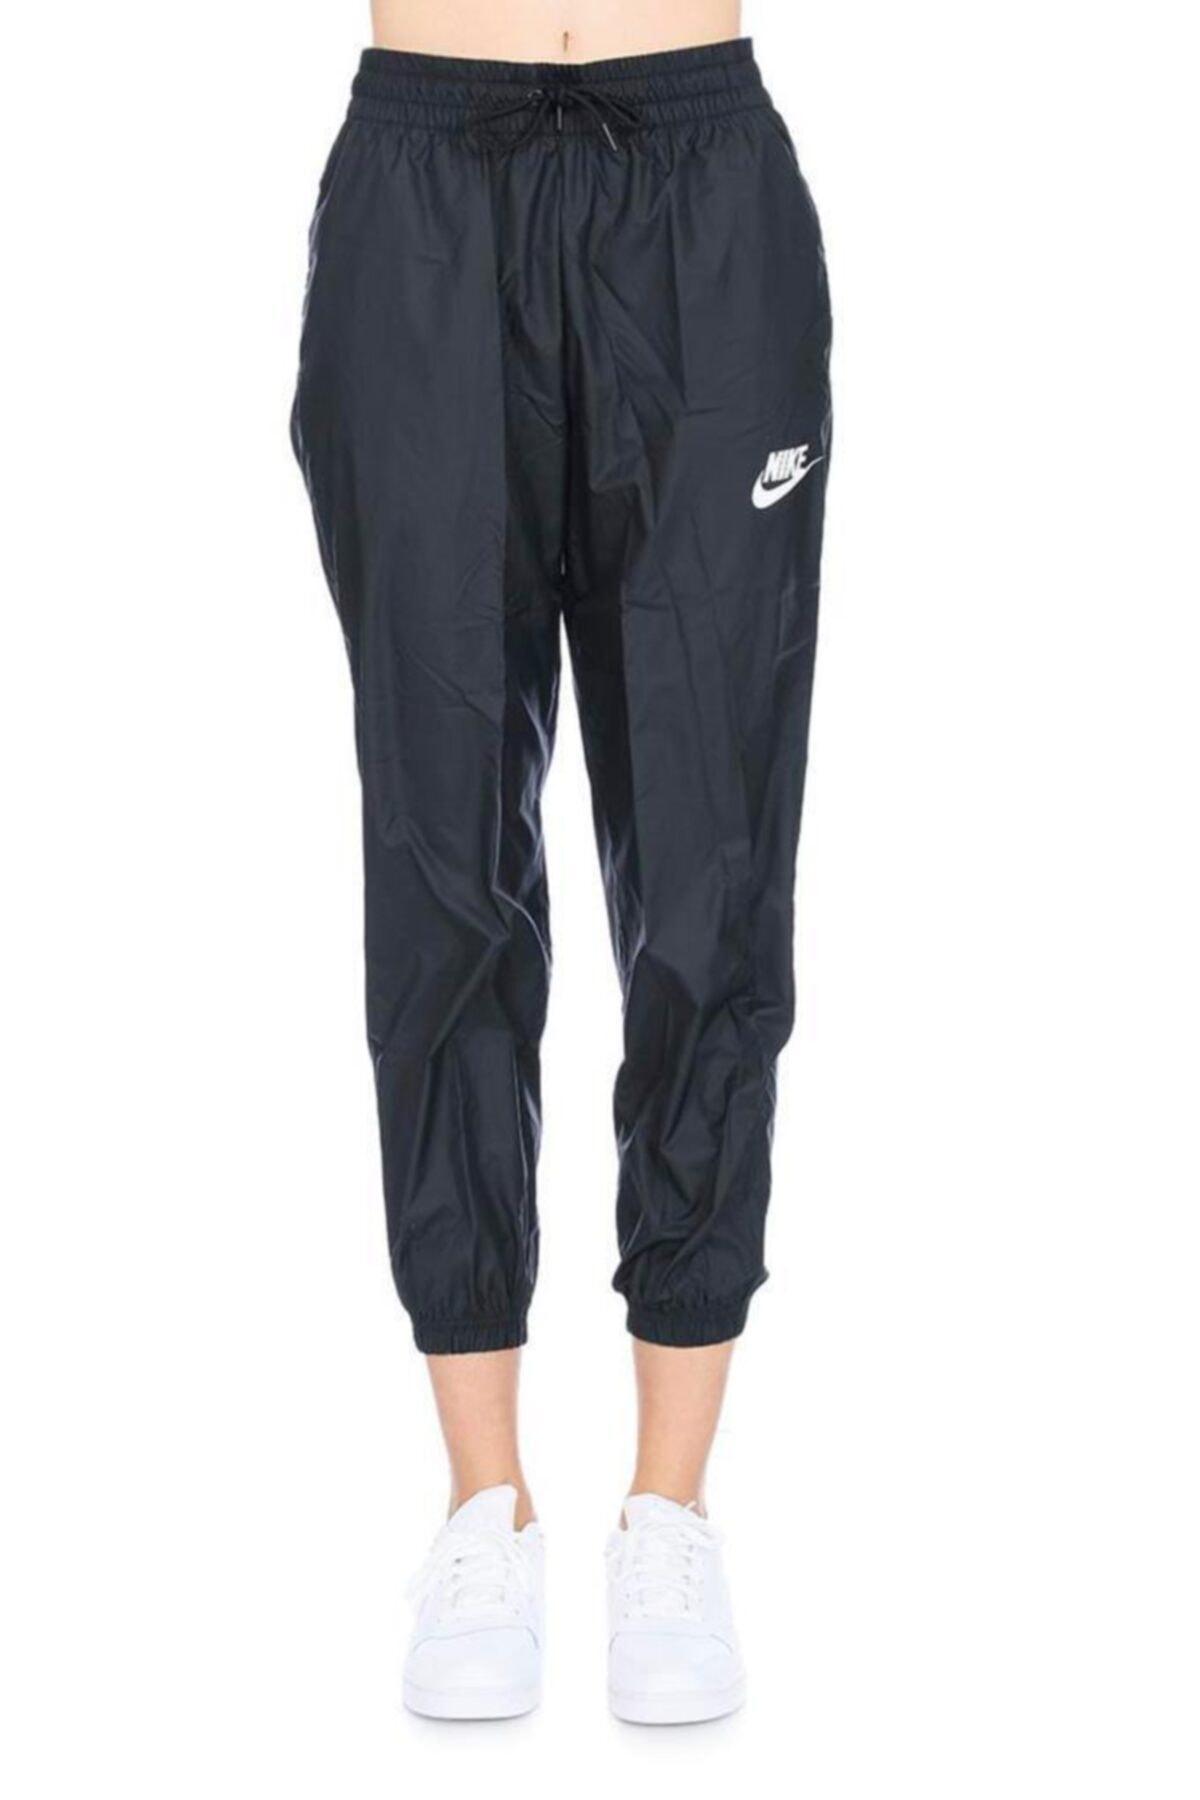 Kadın Sportswear Eşofman Altı Ar2811 010